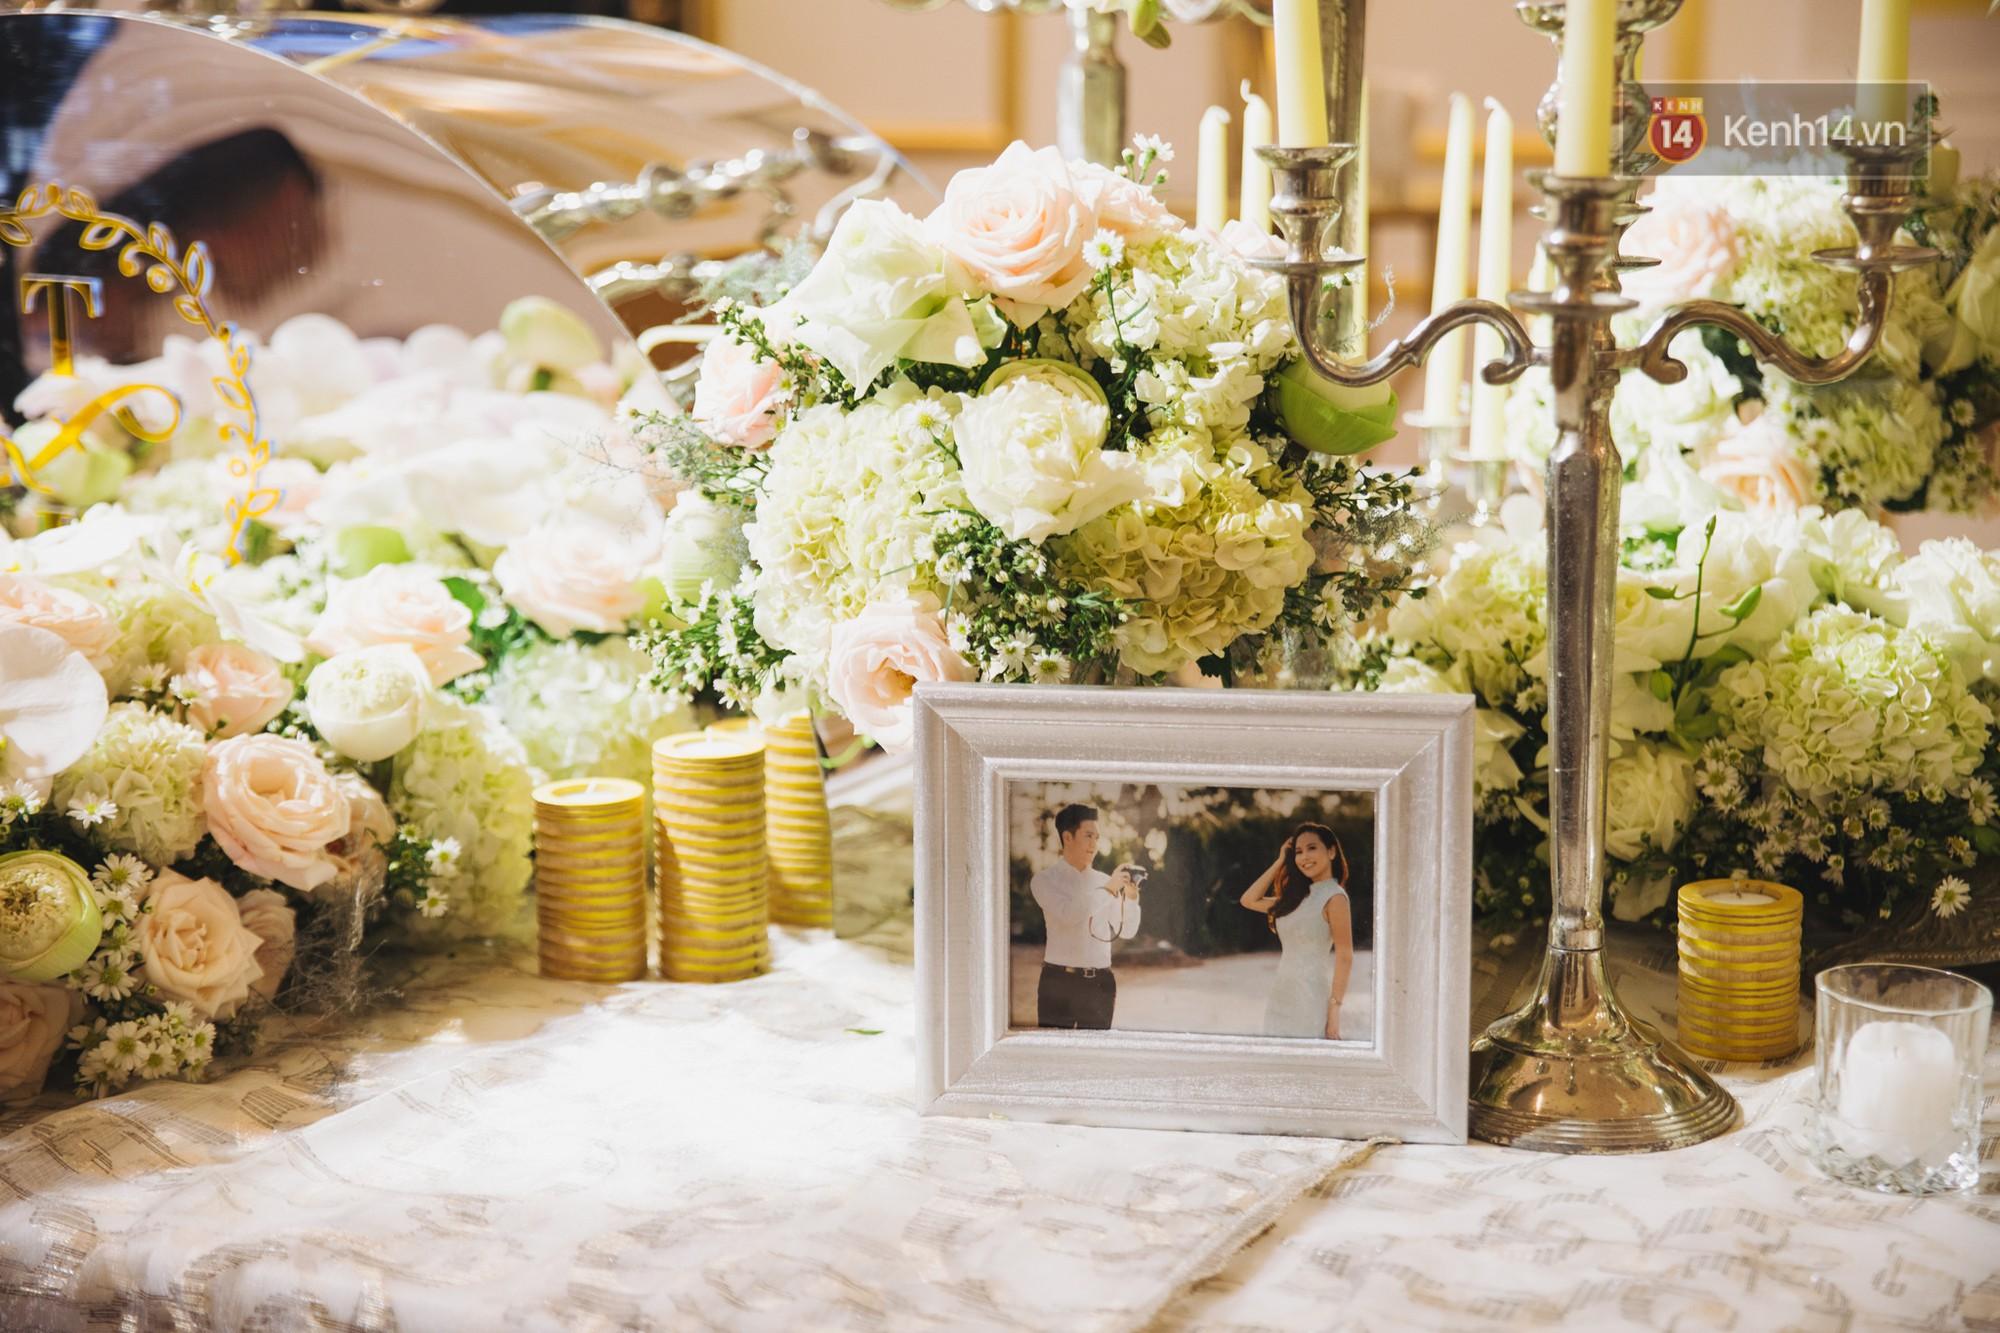 Hé lộ không gian cưới sang trọng của ca sĩ Lê Hiếu và bà xã Thu Trang - Ảnh 2.